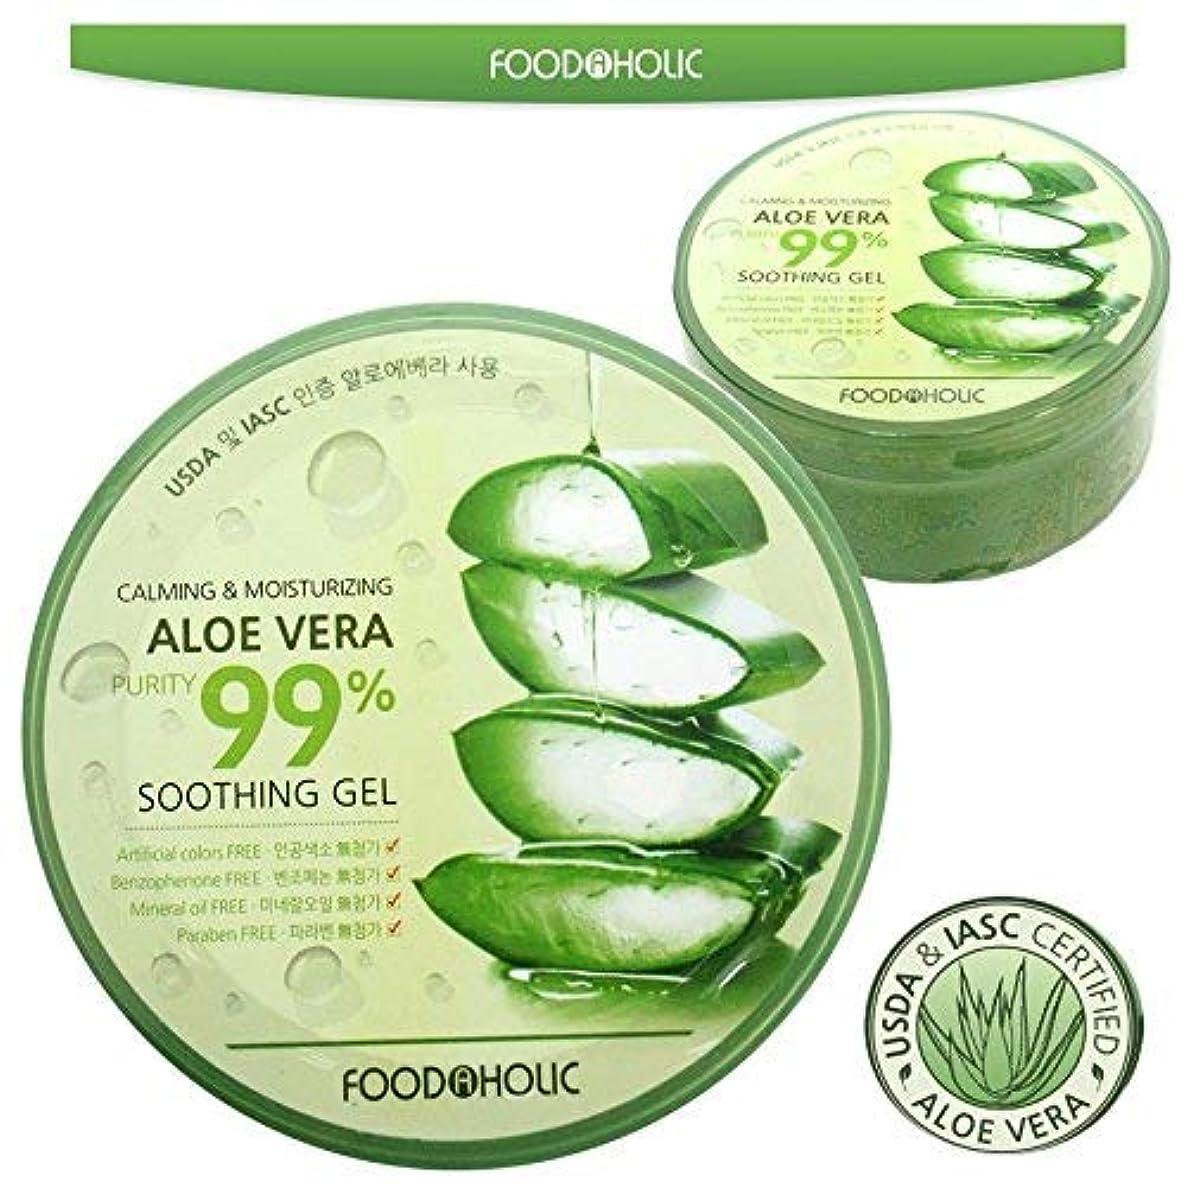 混乱した代表する期限切れ[FOOD A HOLIC] 穏やかな&保湿アロエベラ純度は99%スージングジェル(300ml * 1EA) / Calming & Moisturizing Aloe Vera Purity 99% Soothing...